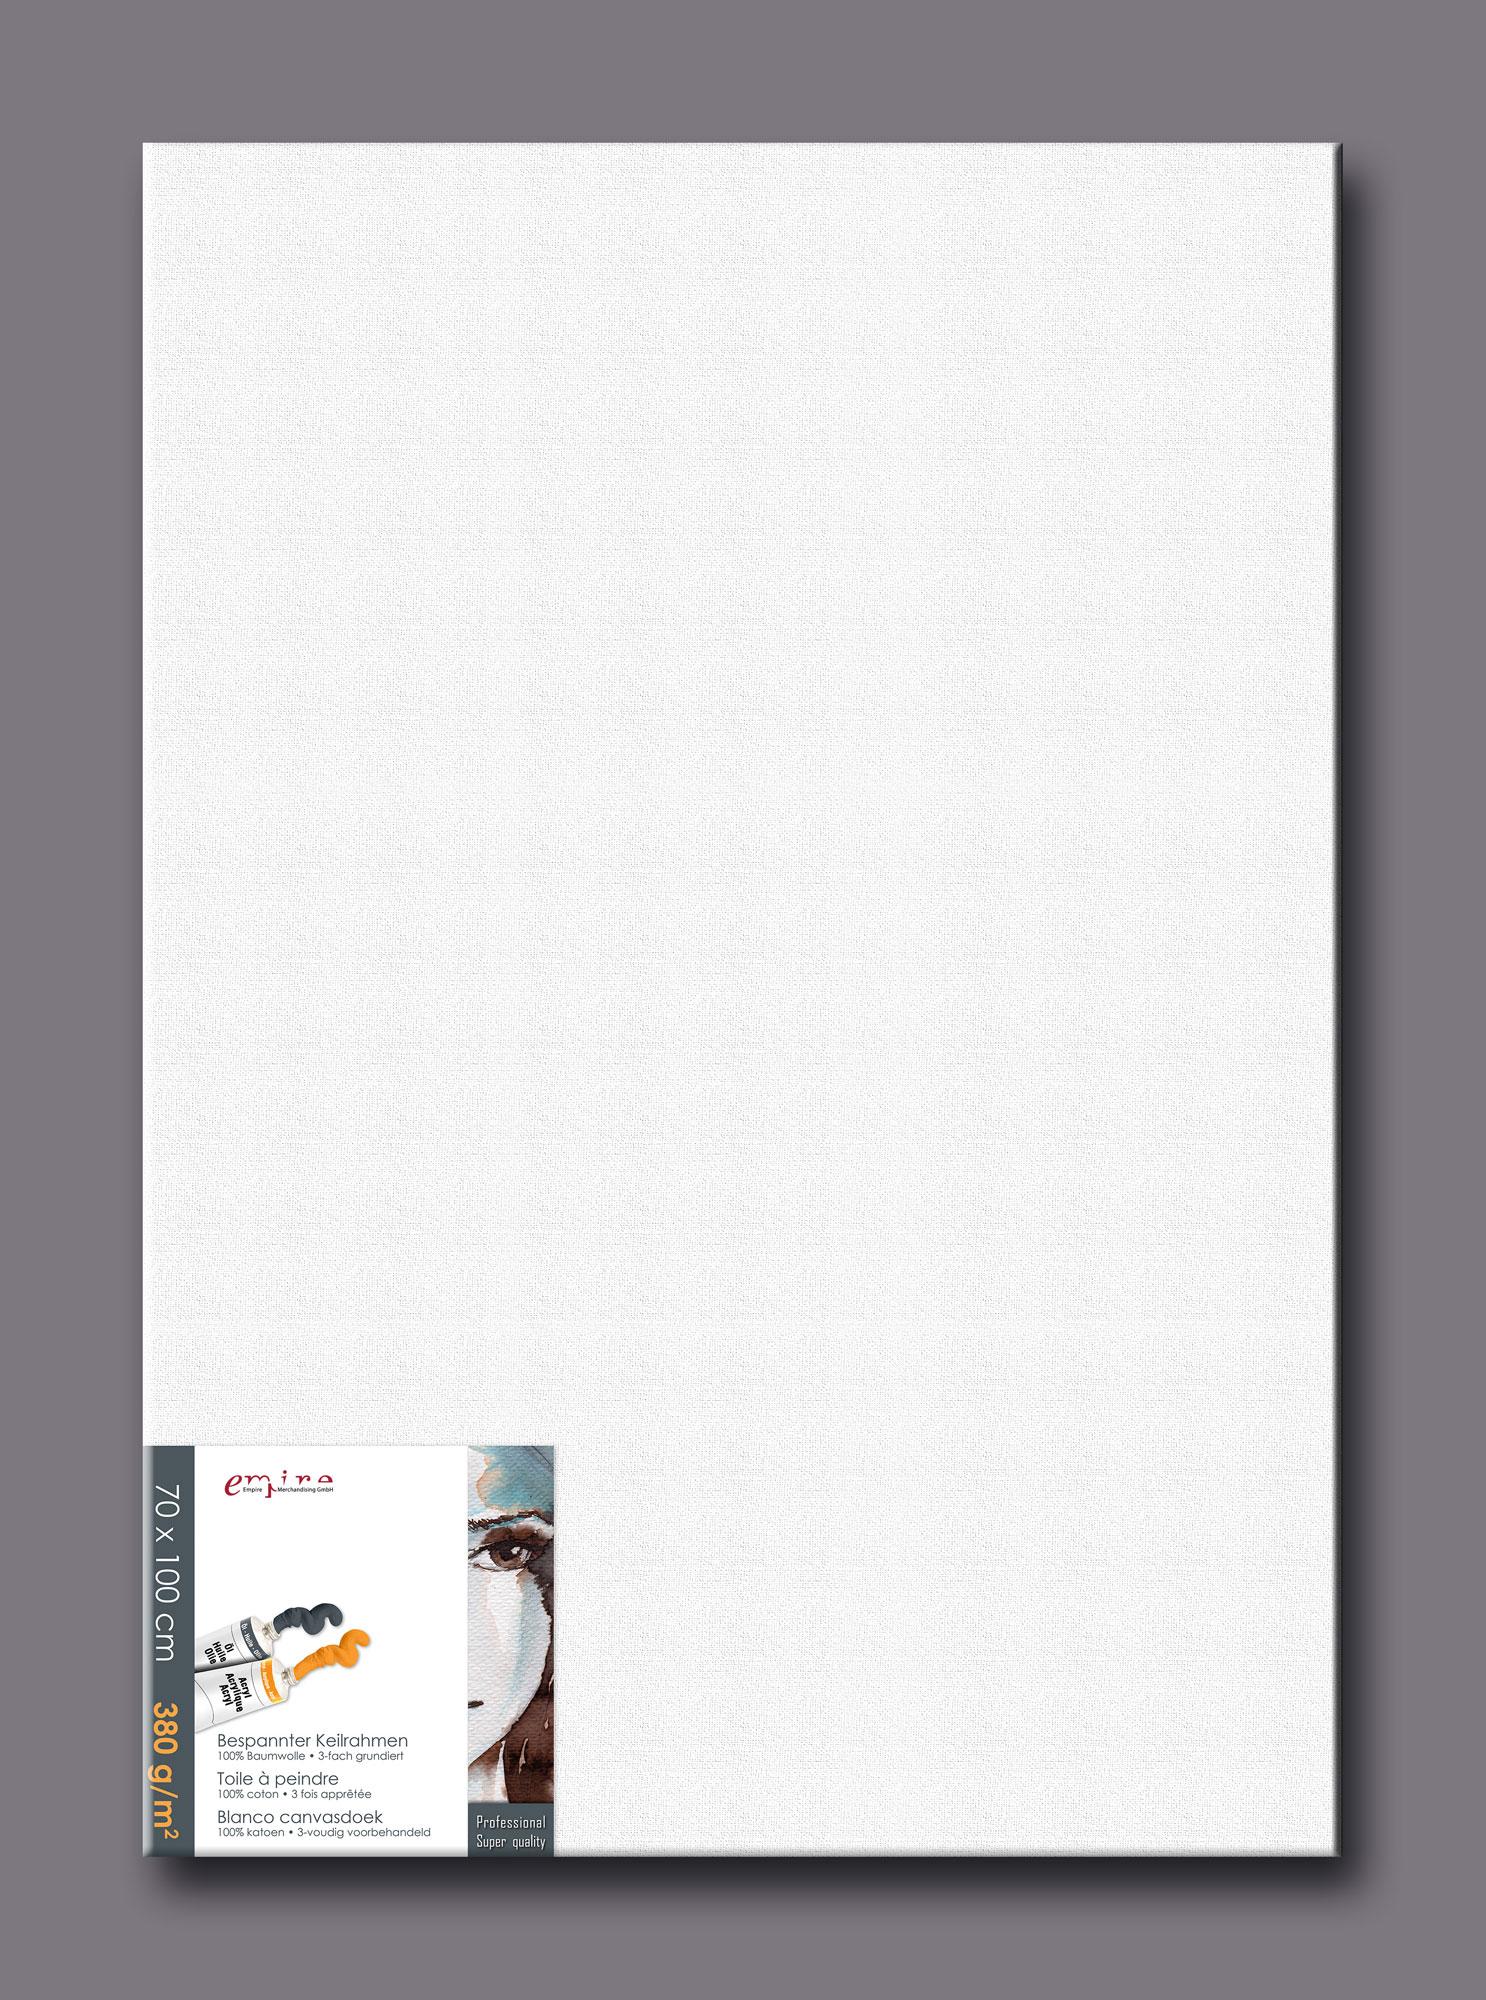 Künstlerbedarf - Keilrahmen 70x100 cm - Leinwand - 70x100